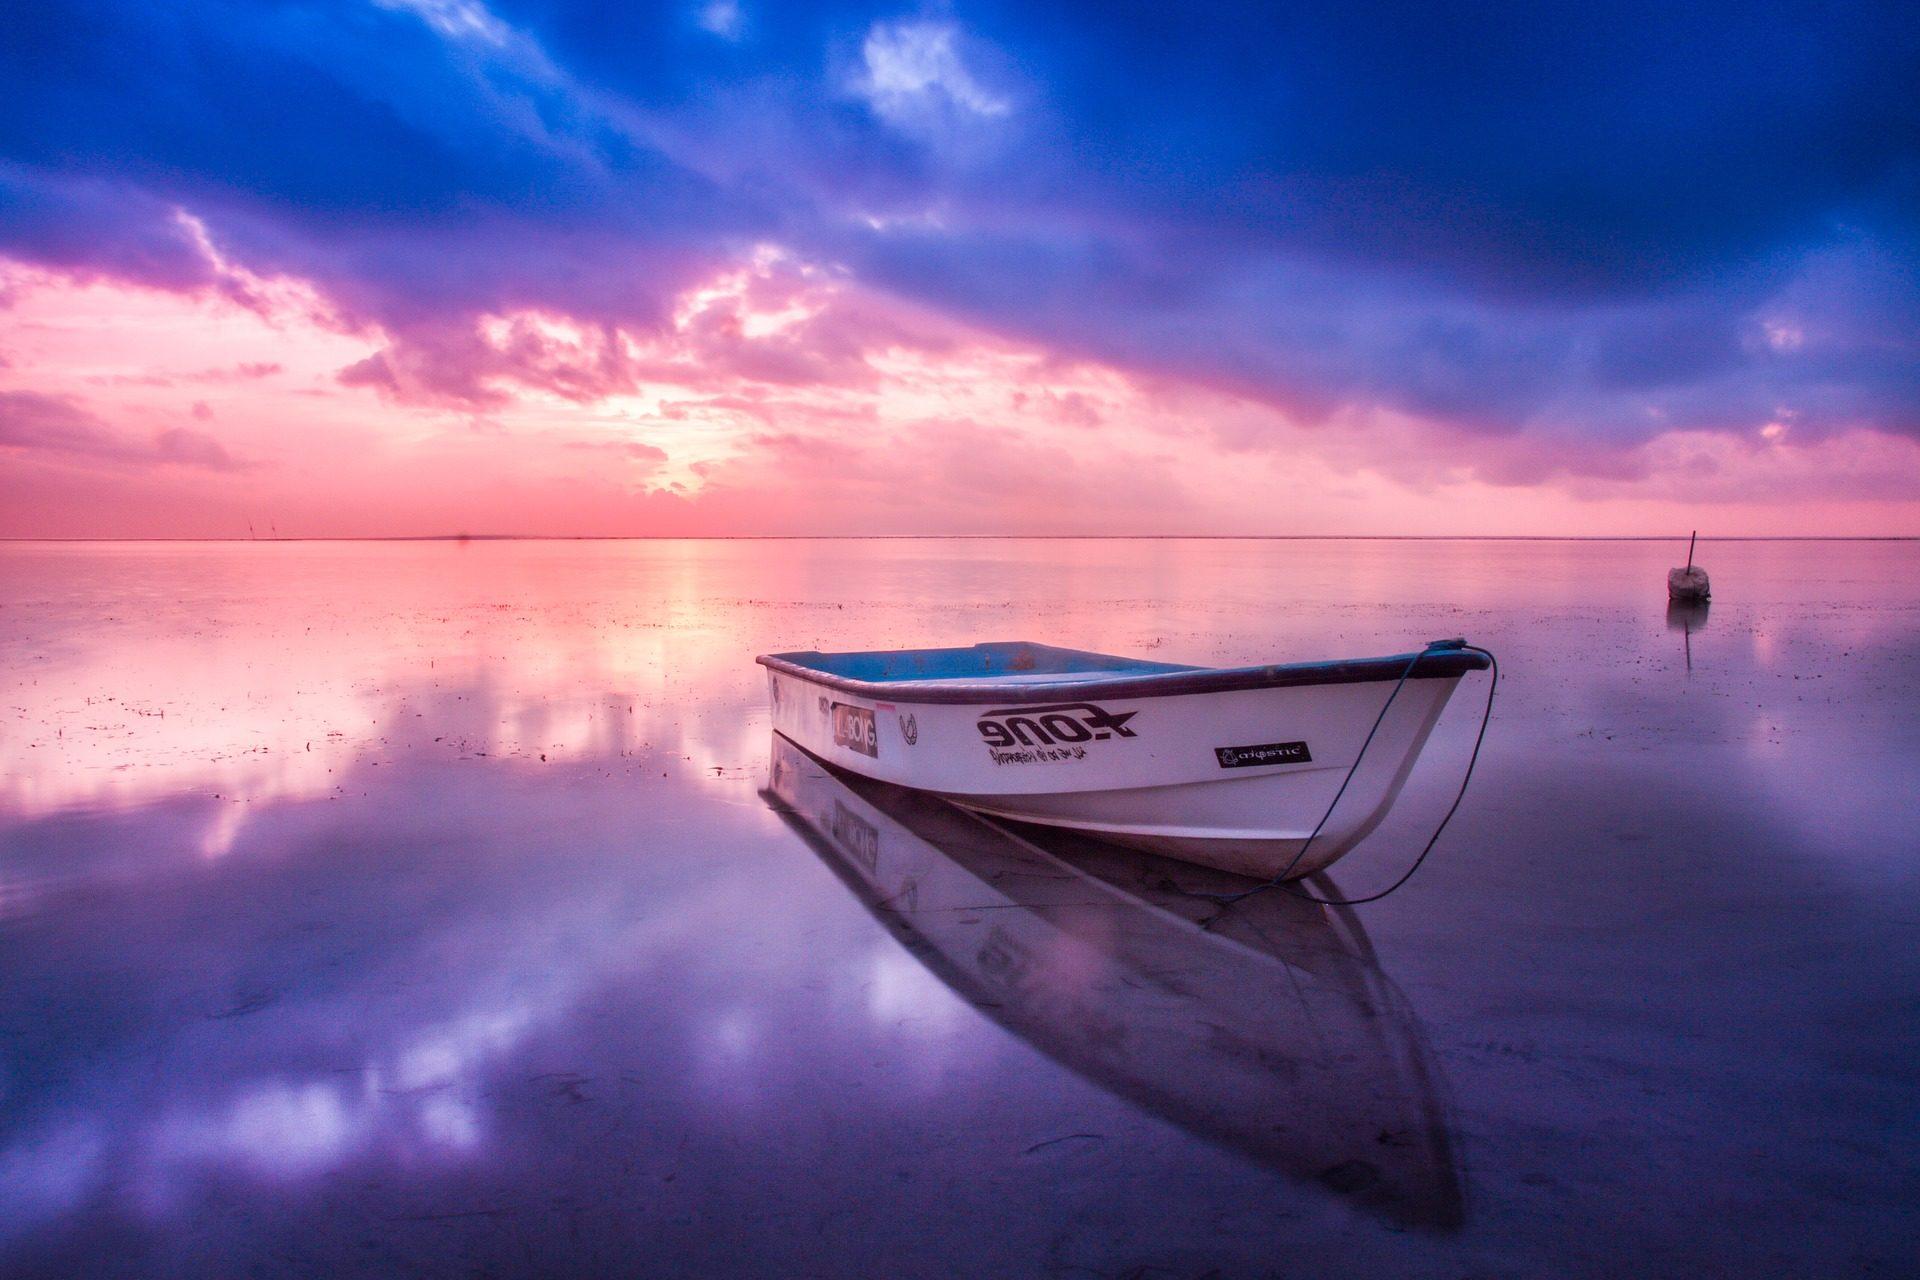 Barca, नाव, समुद्र तट, महासागर, क्षितिज, बादल, प्रकाश - HD वॉलपेपर - प्रोफेसर-falken.com